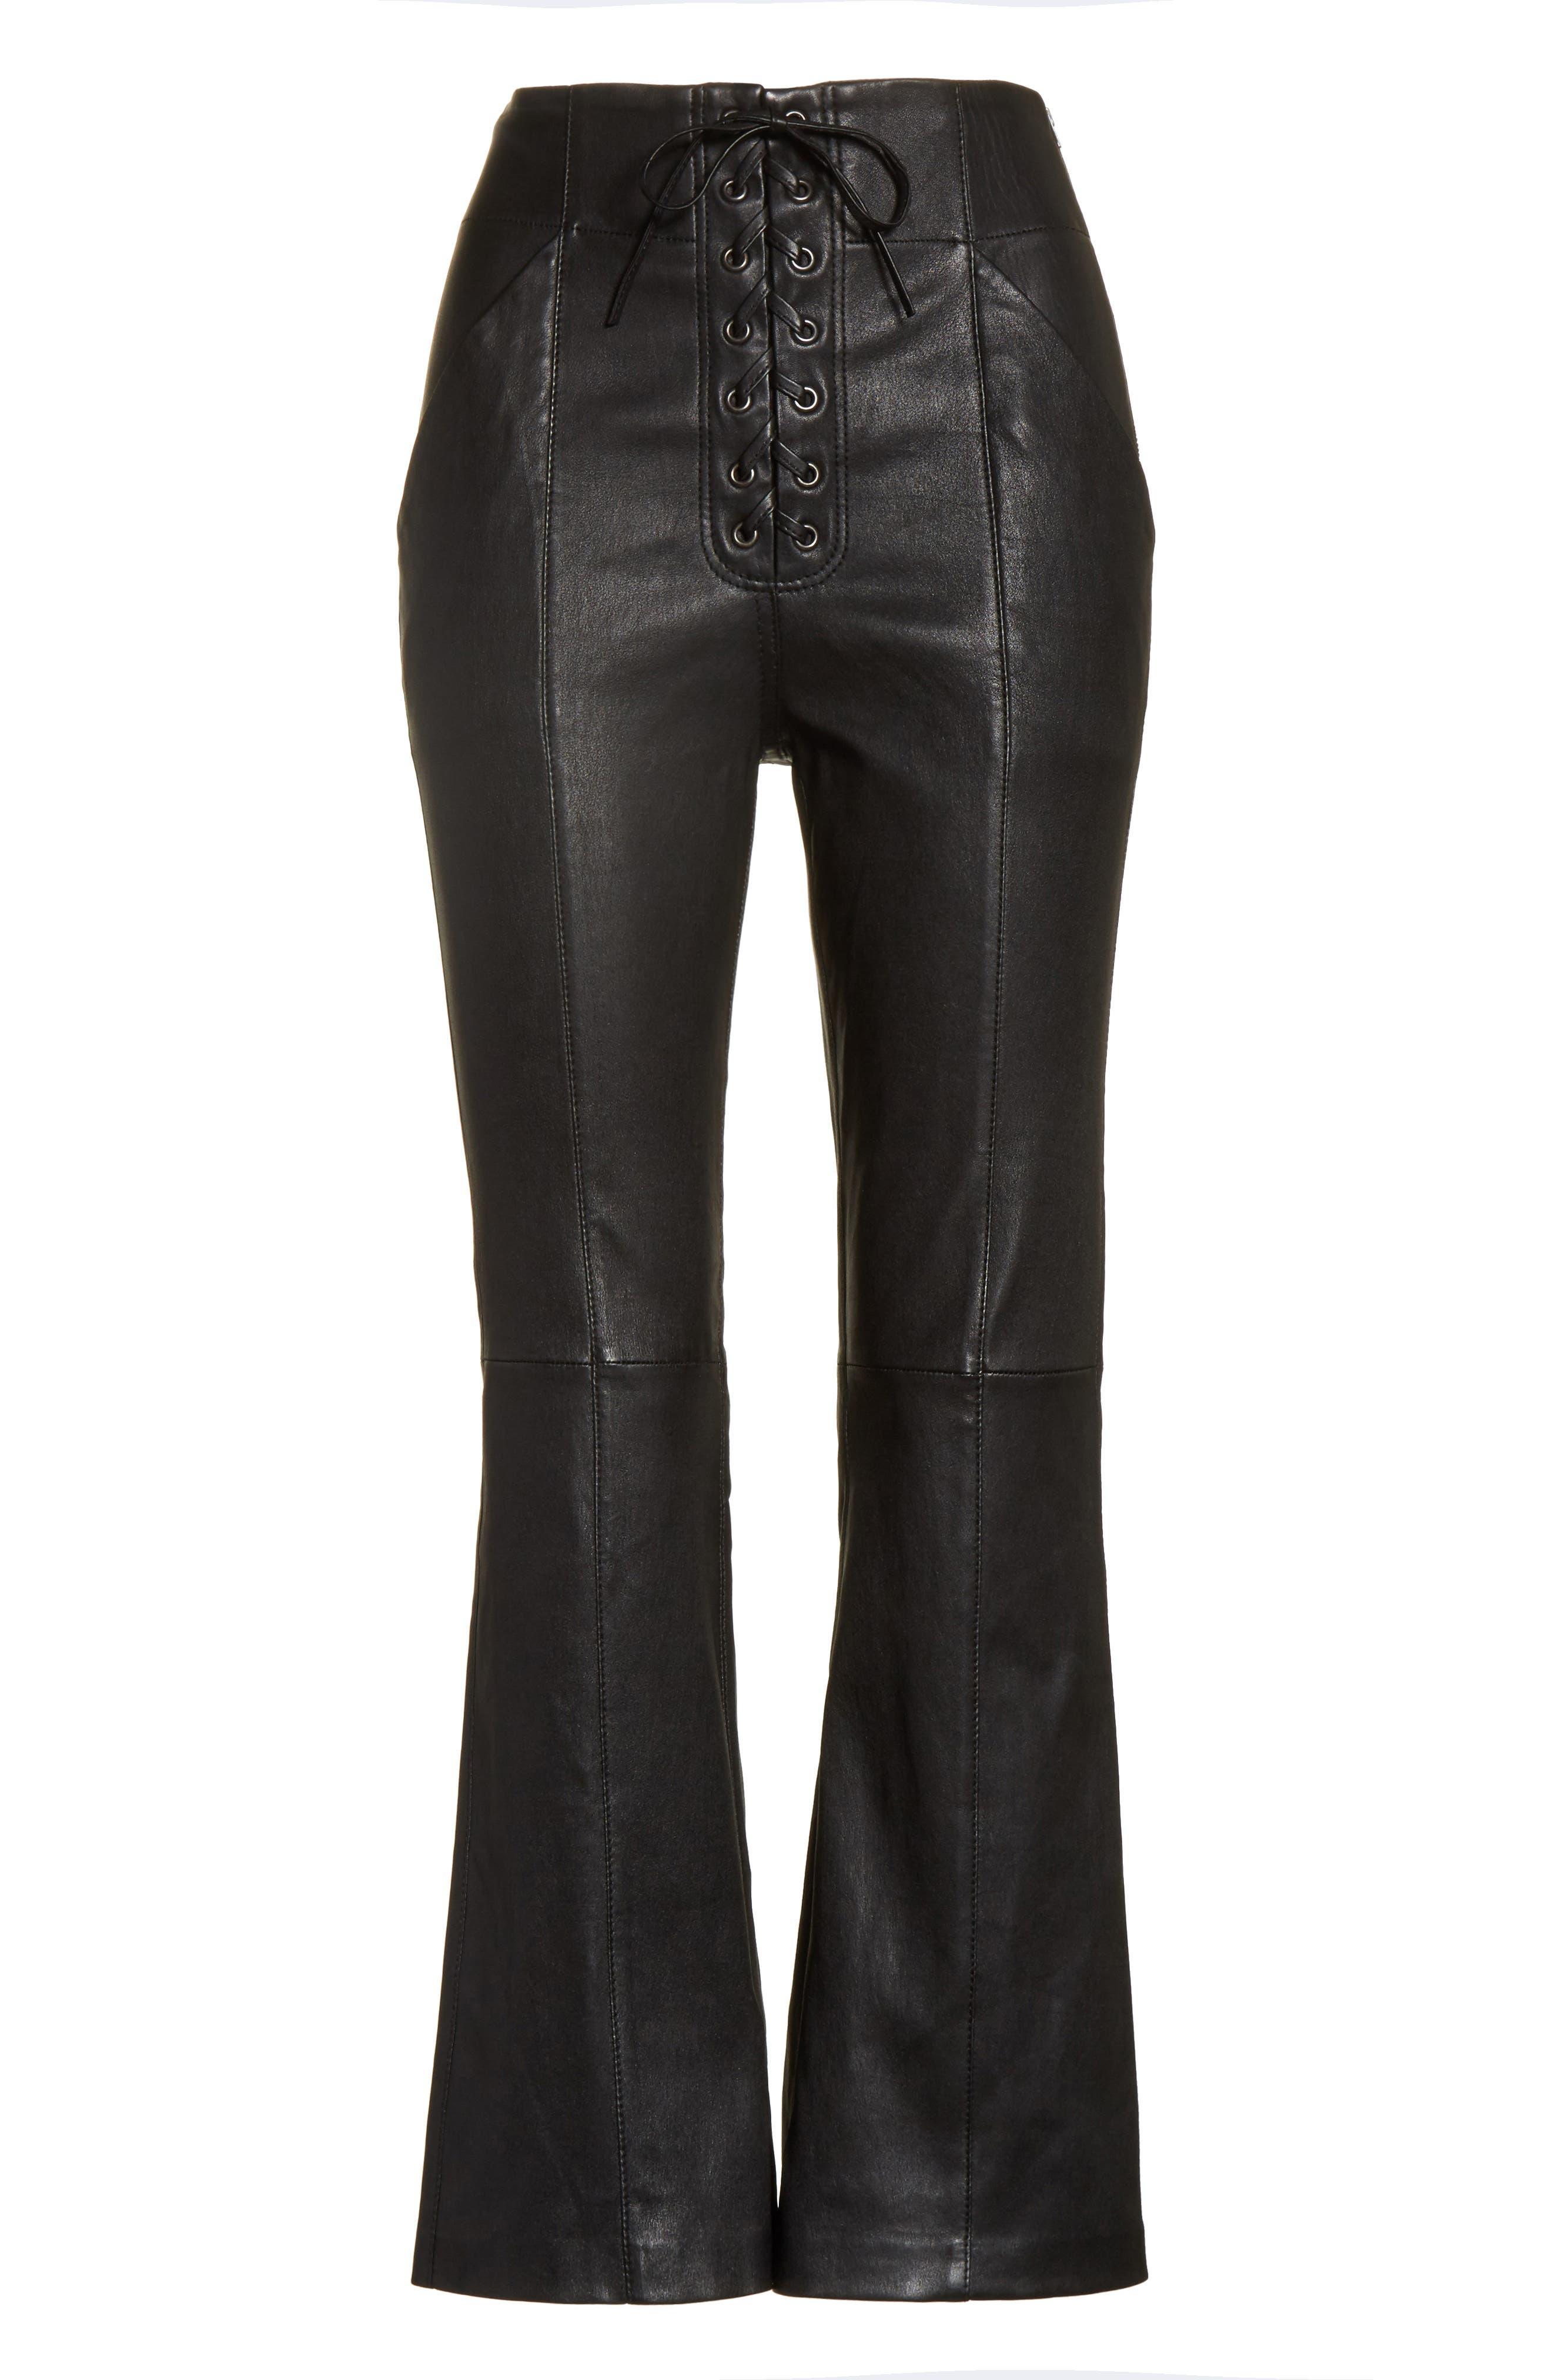 Delia Lace Up Leather Pants,                             Alternate thumbnail 6, color,                             Black